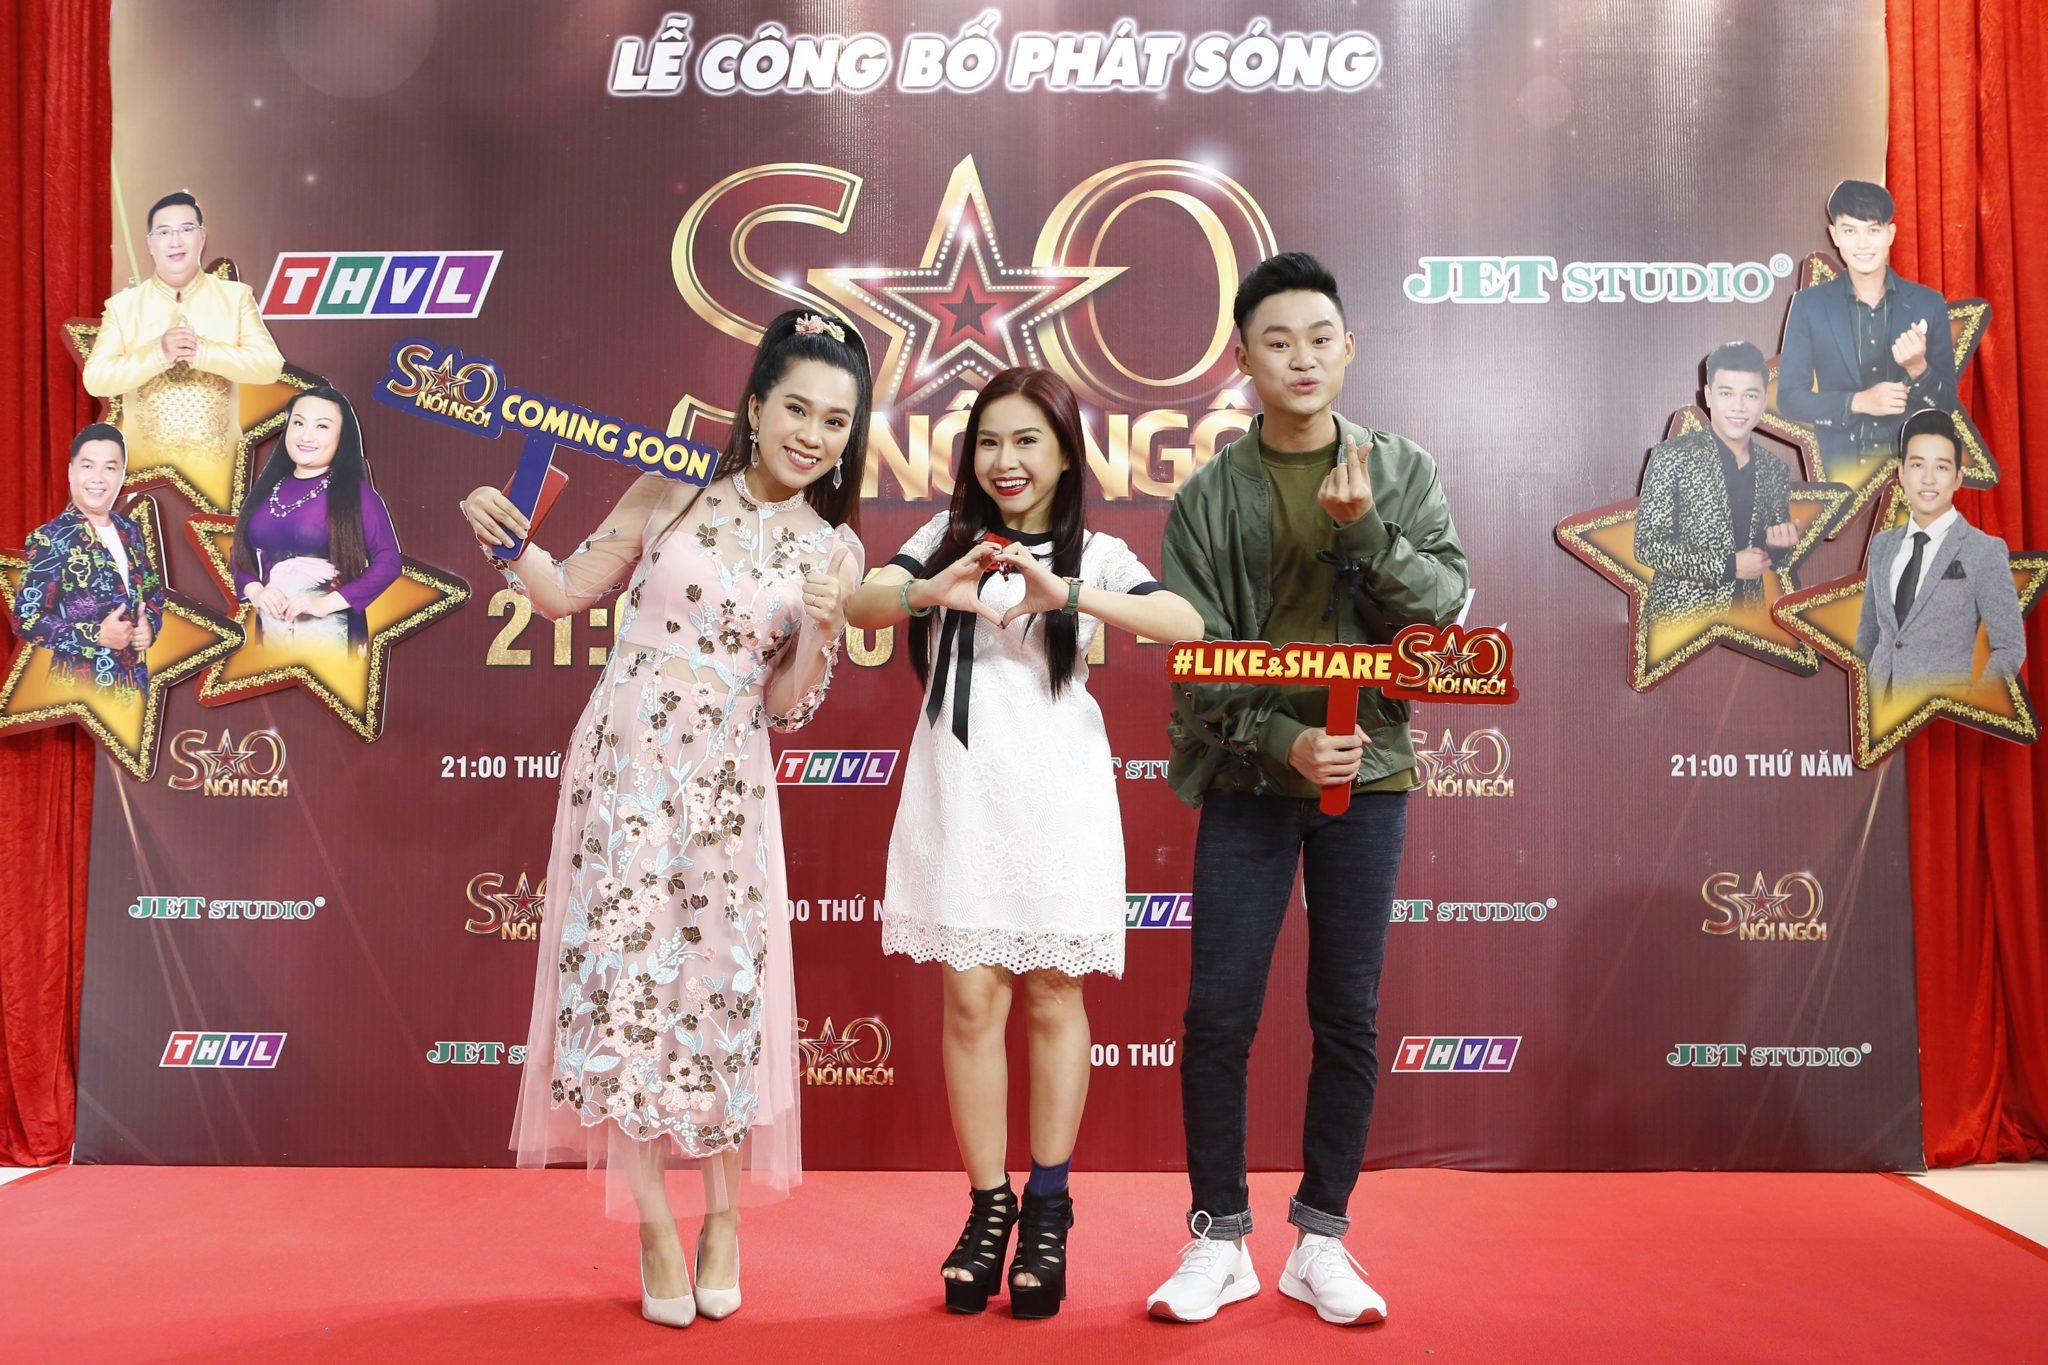 Ca si Hong Phuong, NS Binh Tinh, NS Le Nguyen Truong Giang